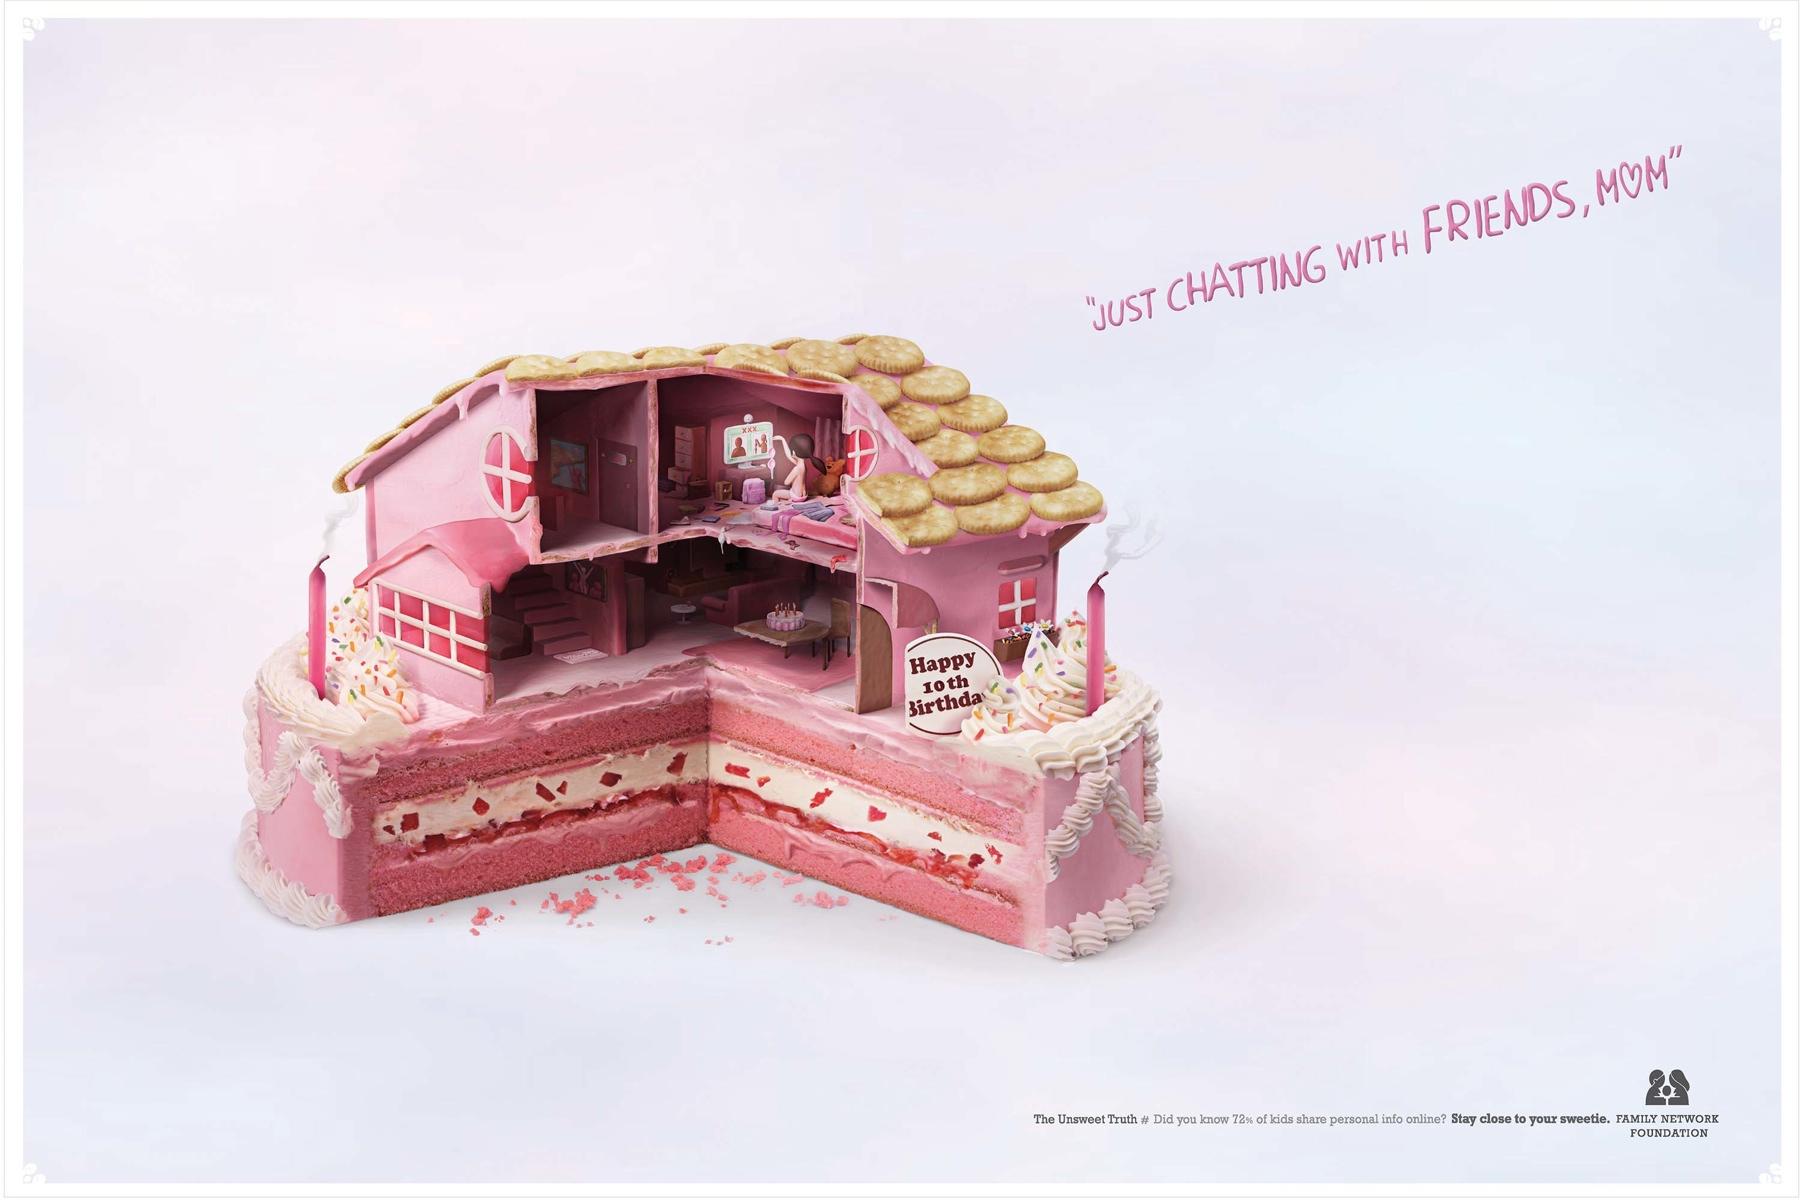 Les publicités les plus créatives sur la Pâtisserie - Spécial #LeMeilleurPâtissier 42